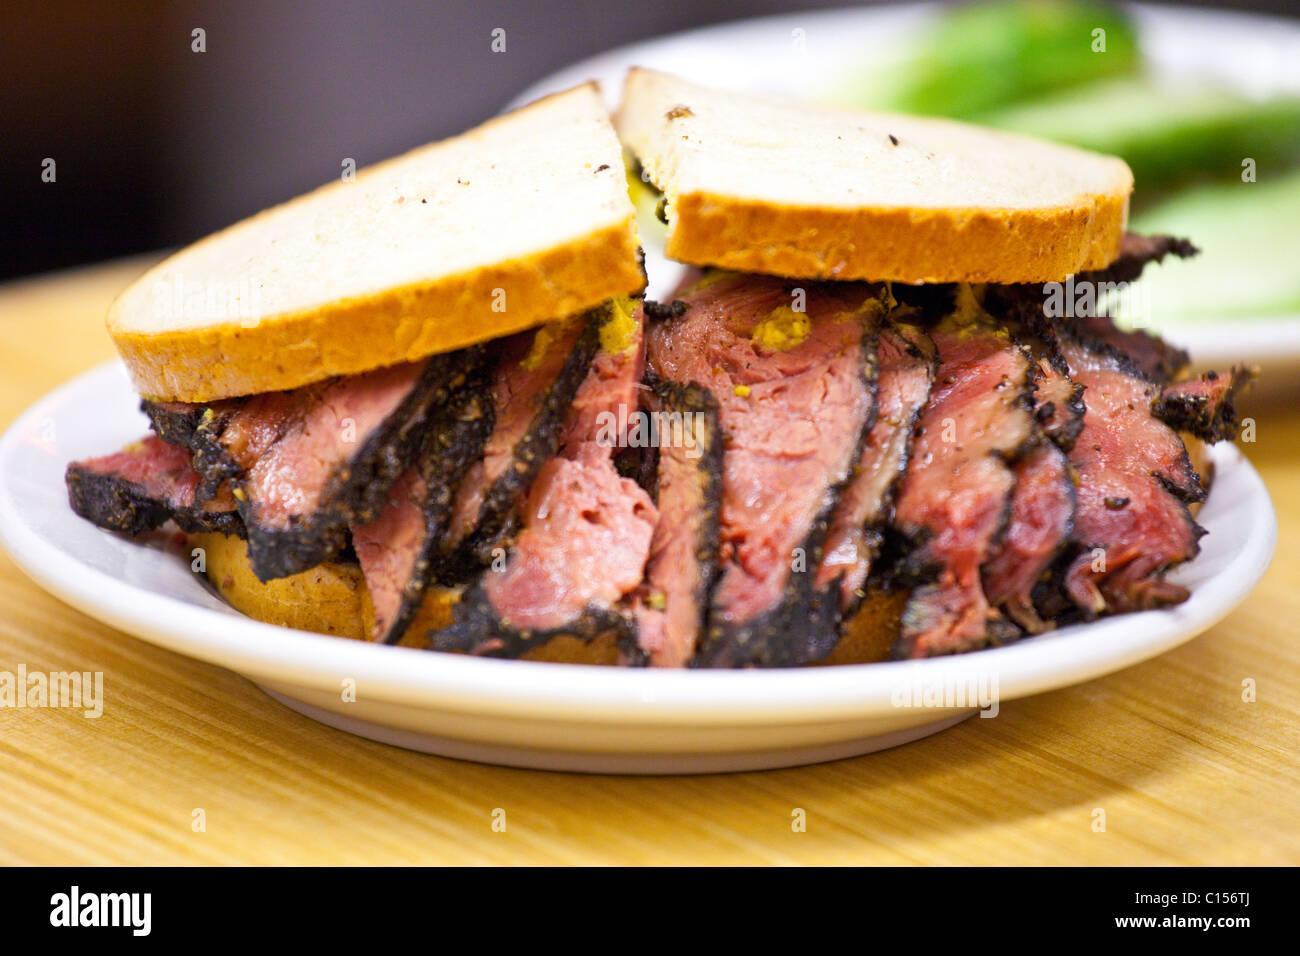 Pastrami sandwich at Katz's Deli in New York City - Stock Image